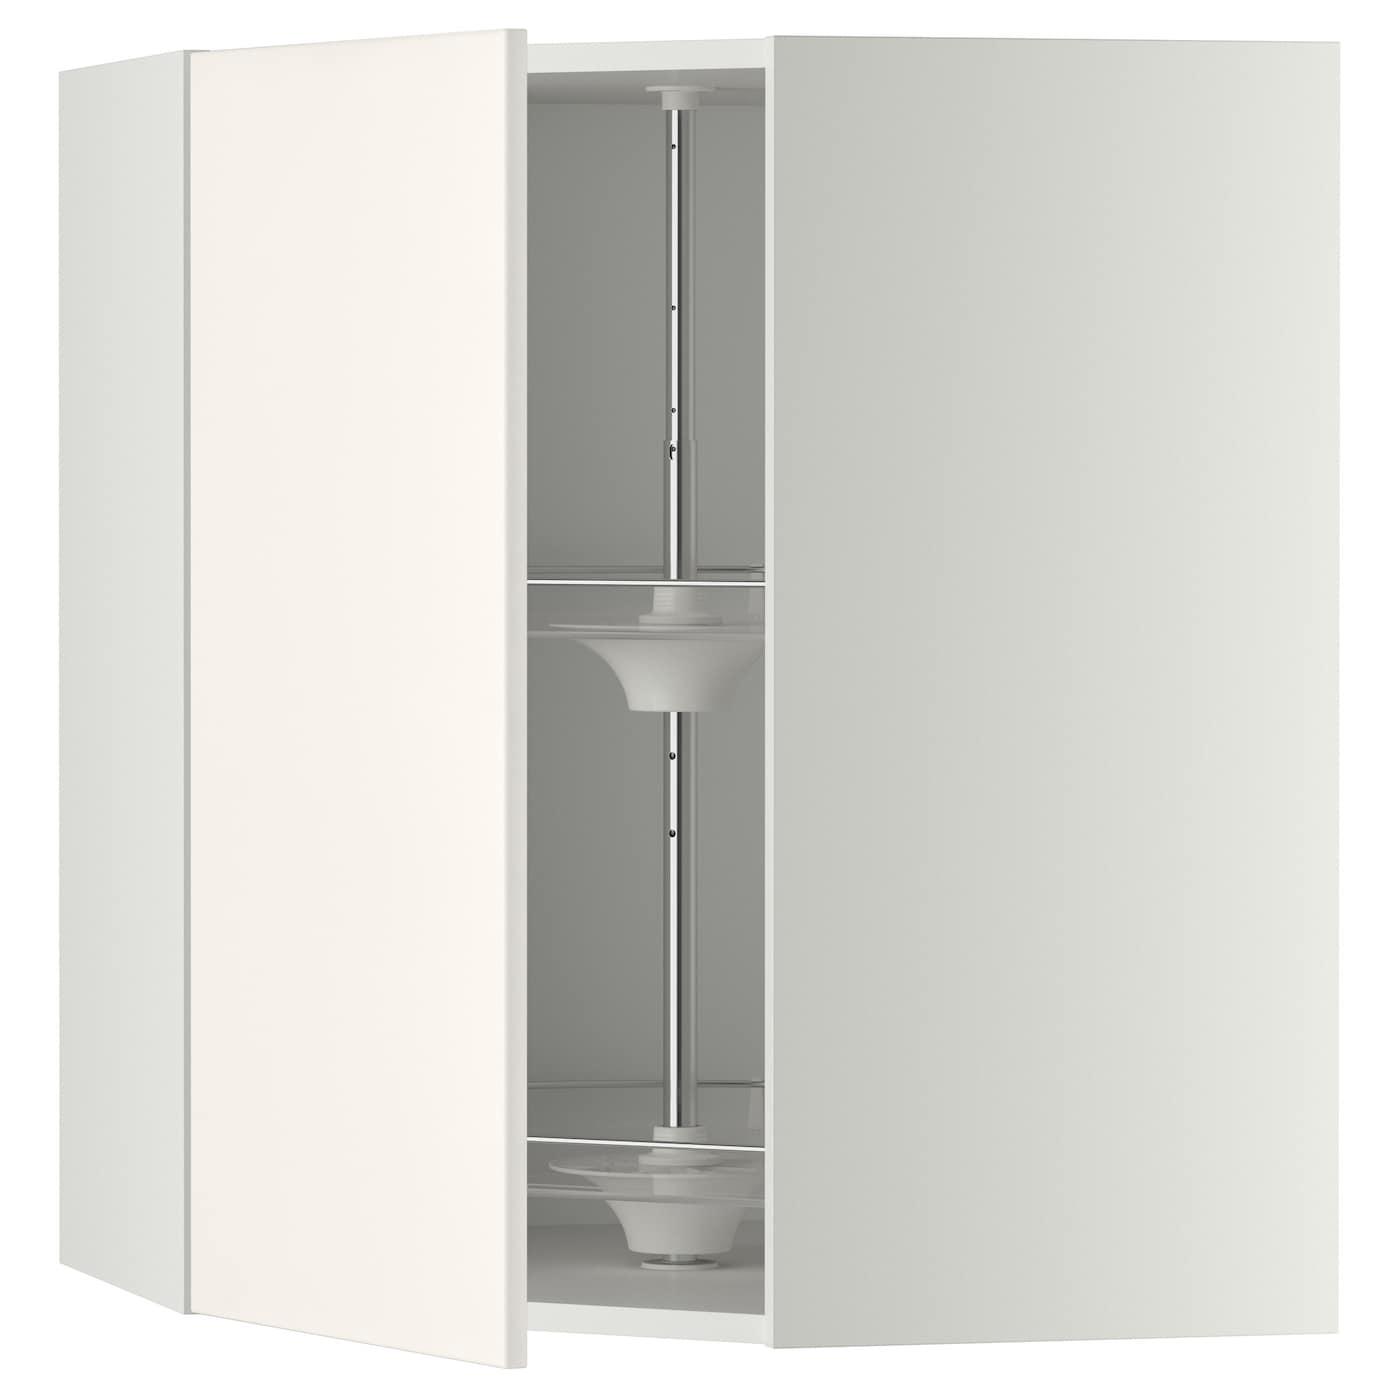 METOD Oberschrank - weiß, Häggeby weiß - IKEA